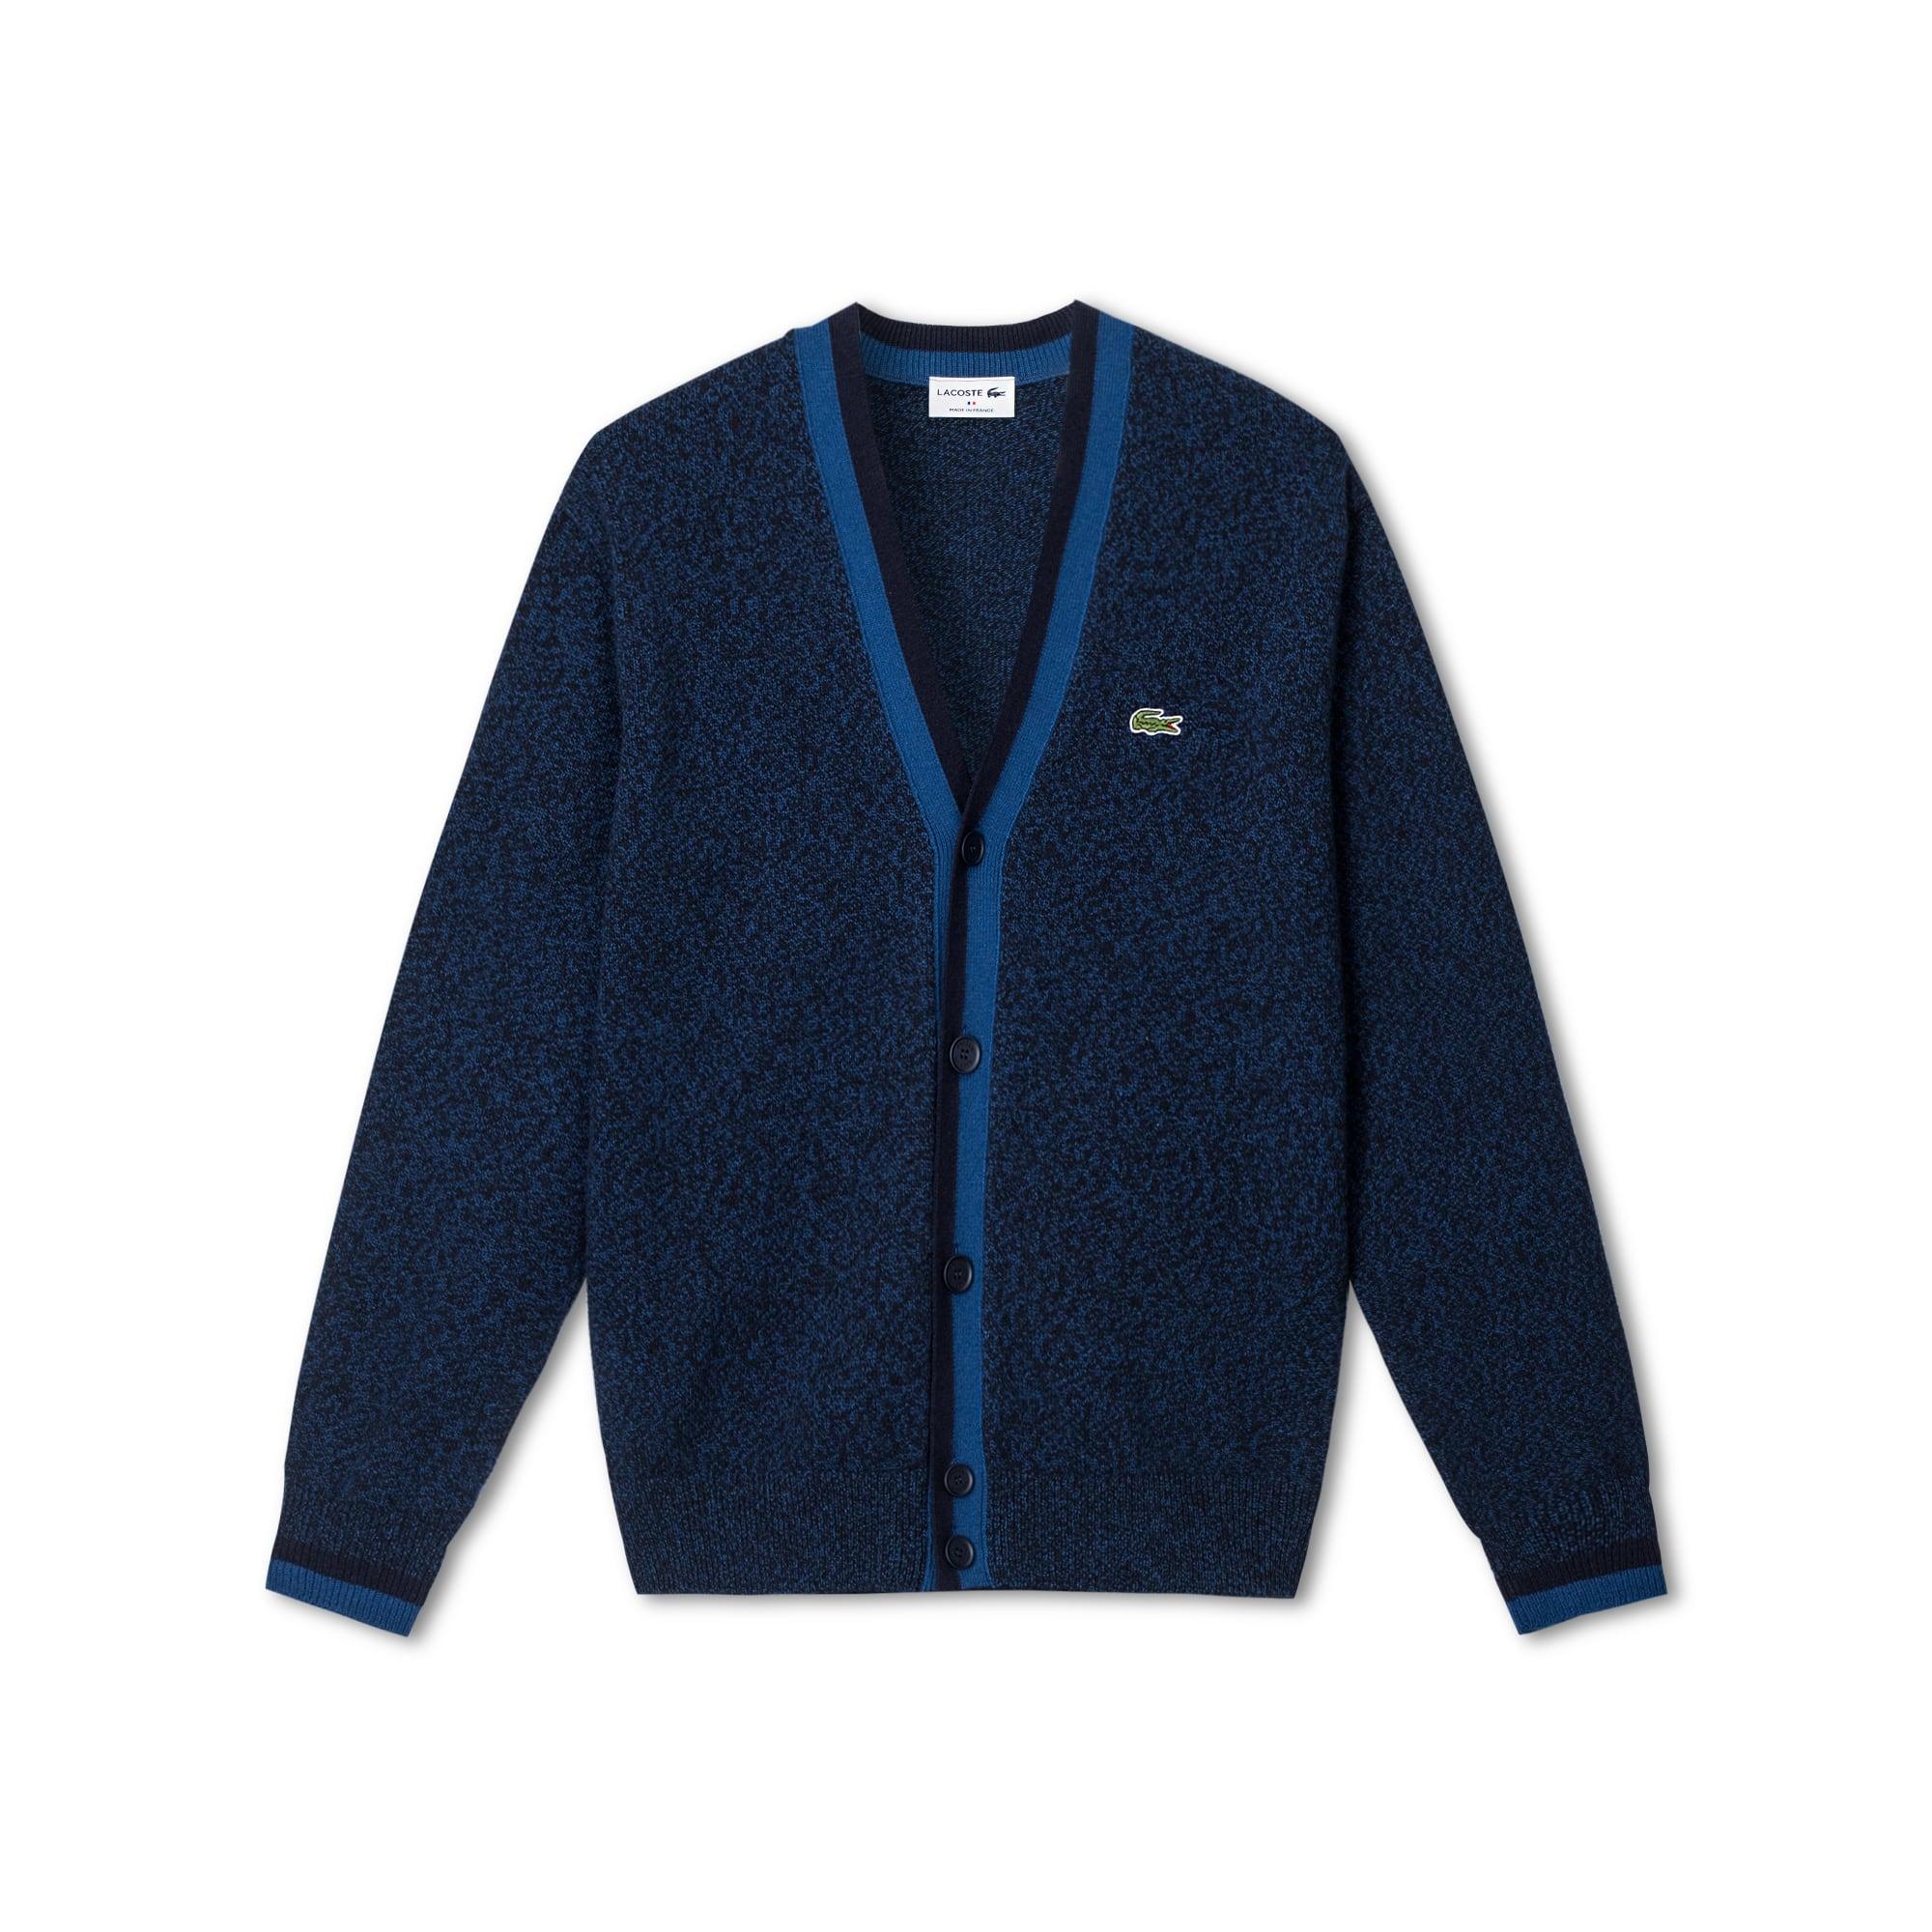 法国制造撞色装饰平纹针织面料男士开襟羊毛衫